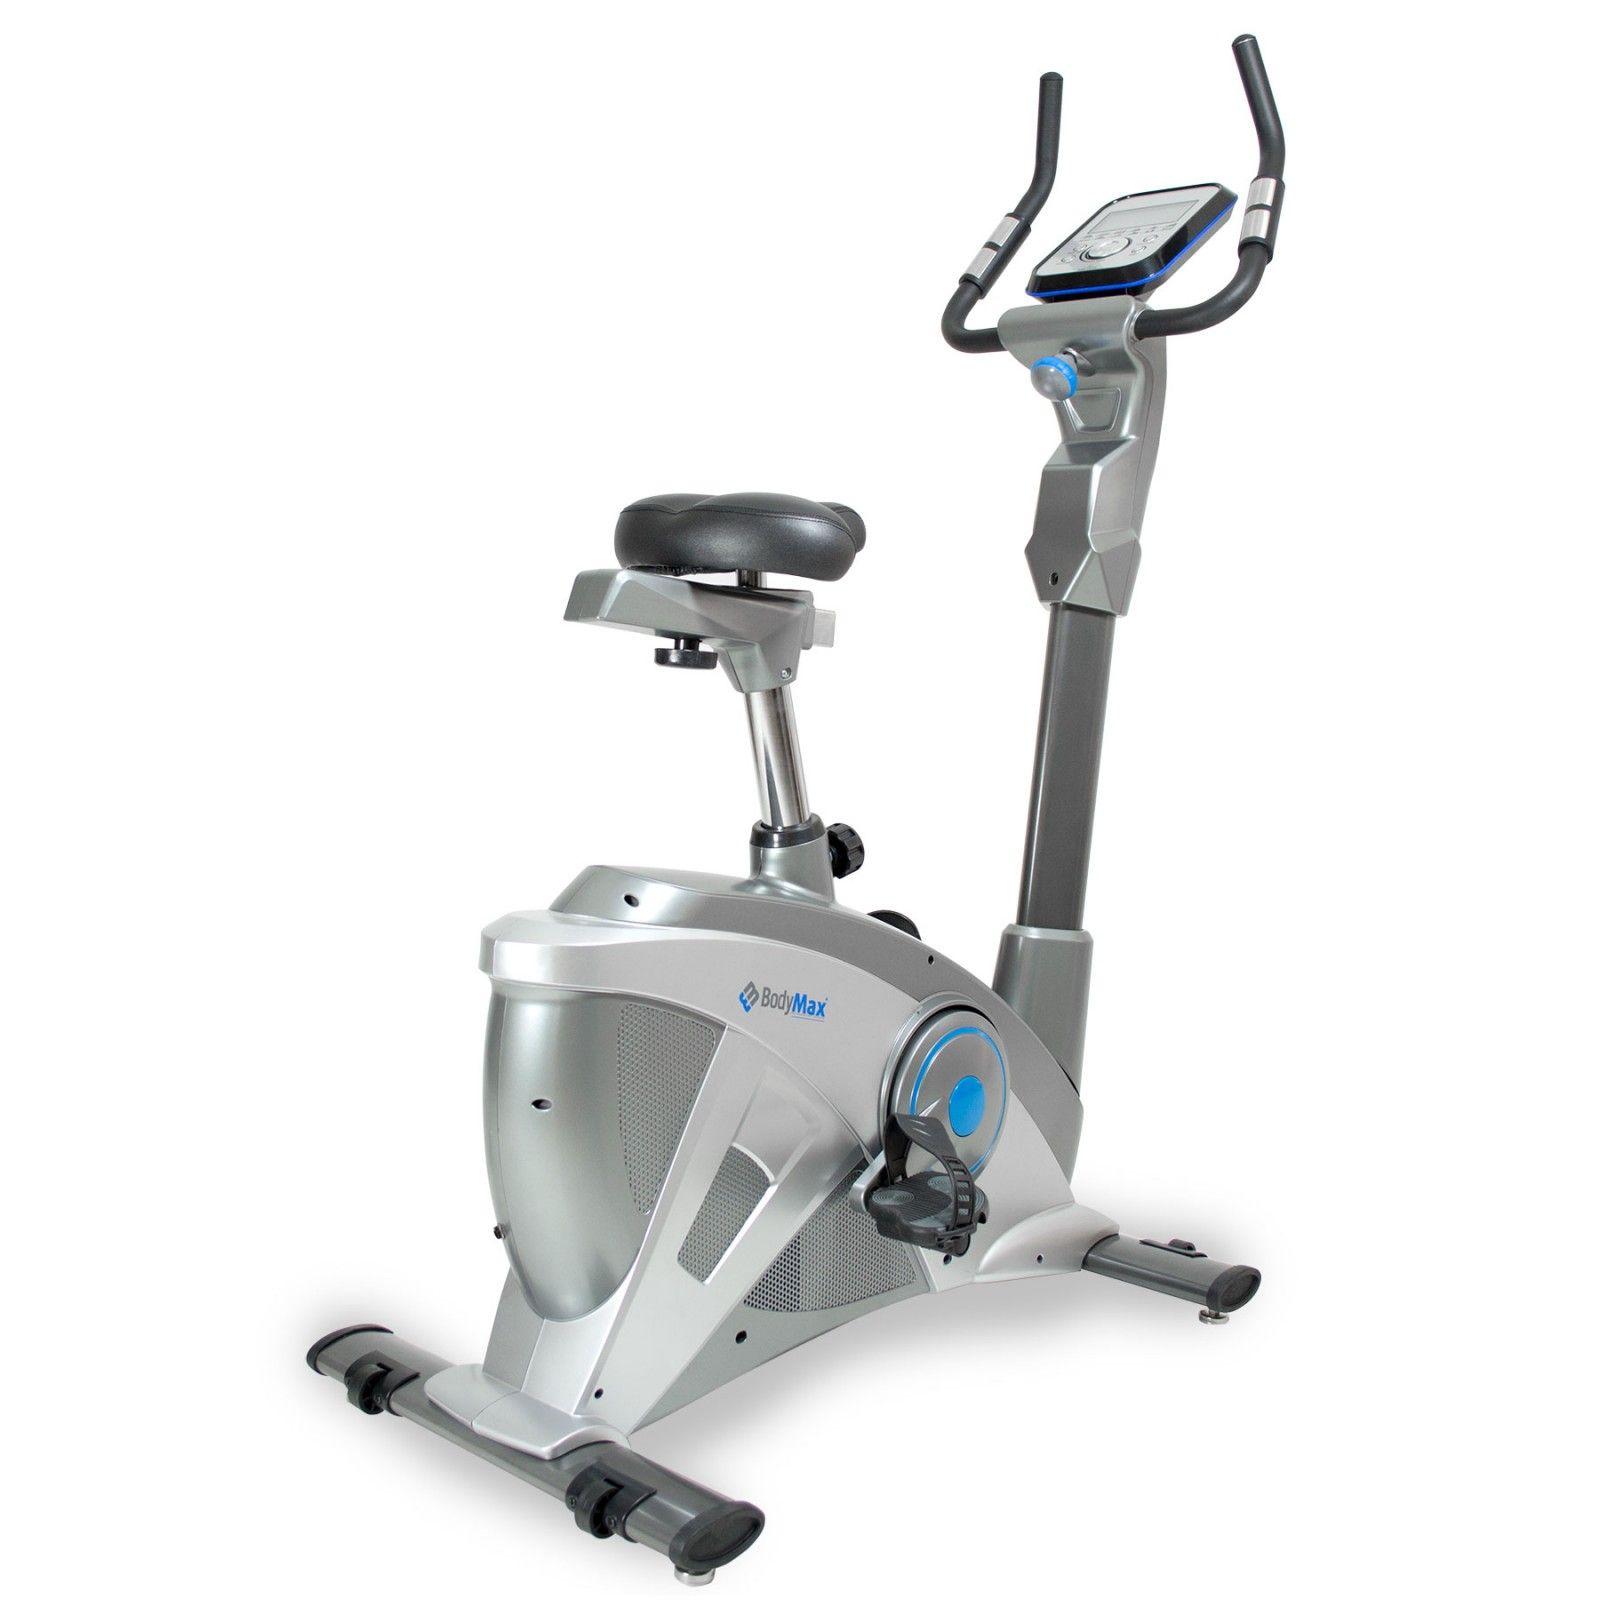 Bodymax U60 Upright Exercise Bike Upright Exercise Bike Biking